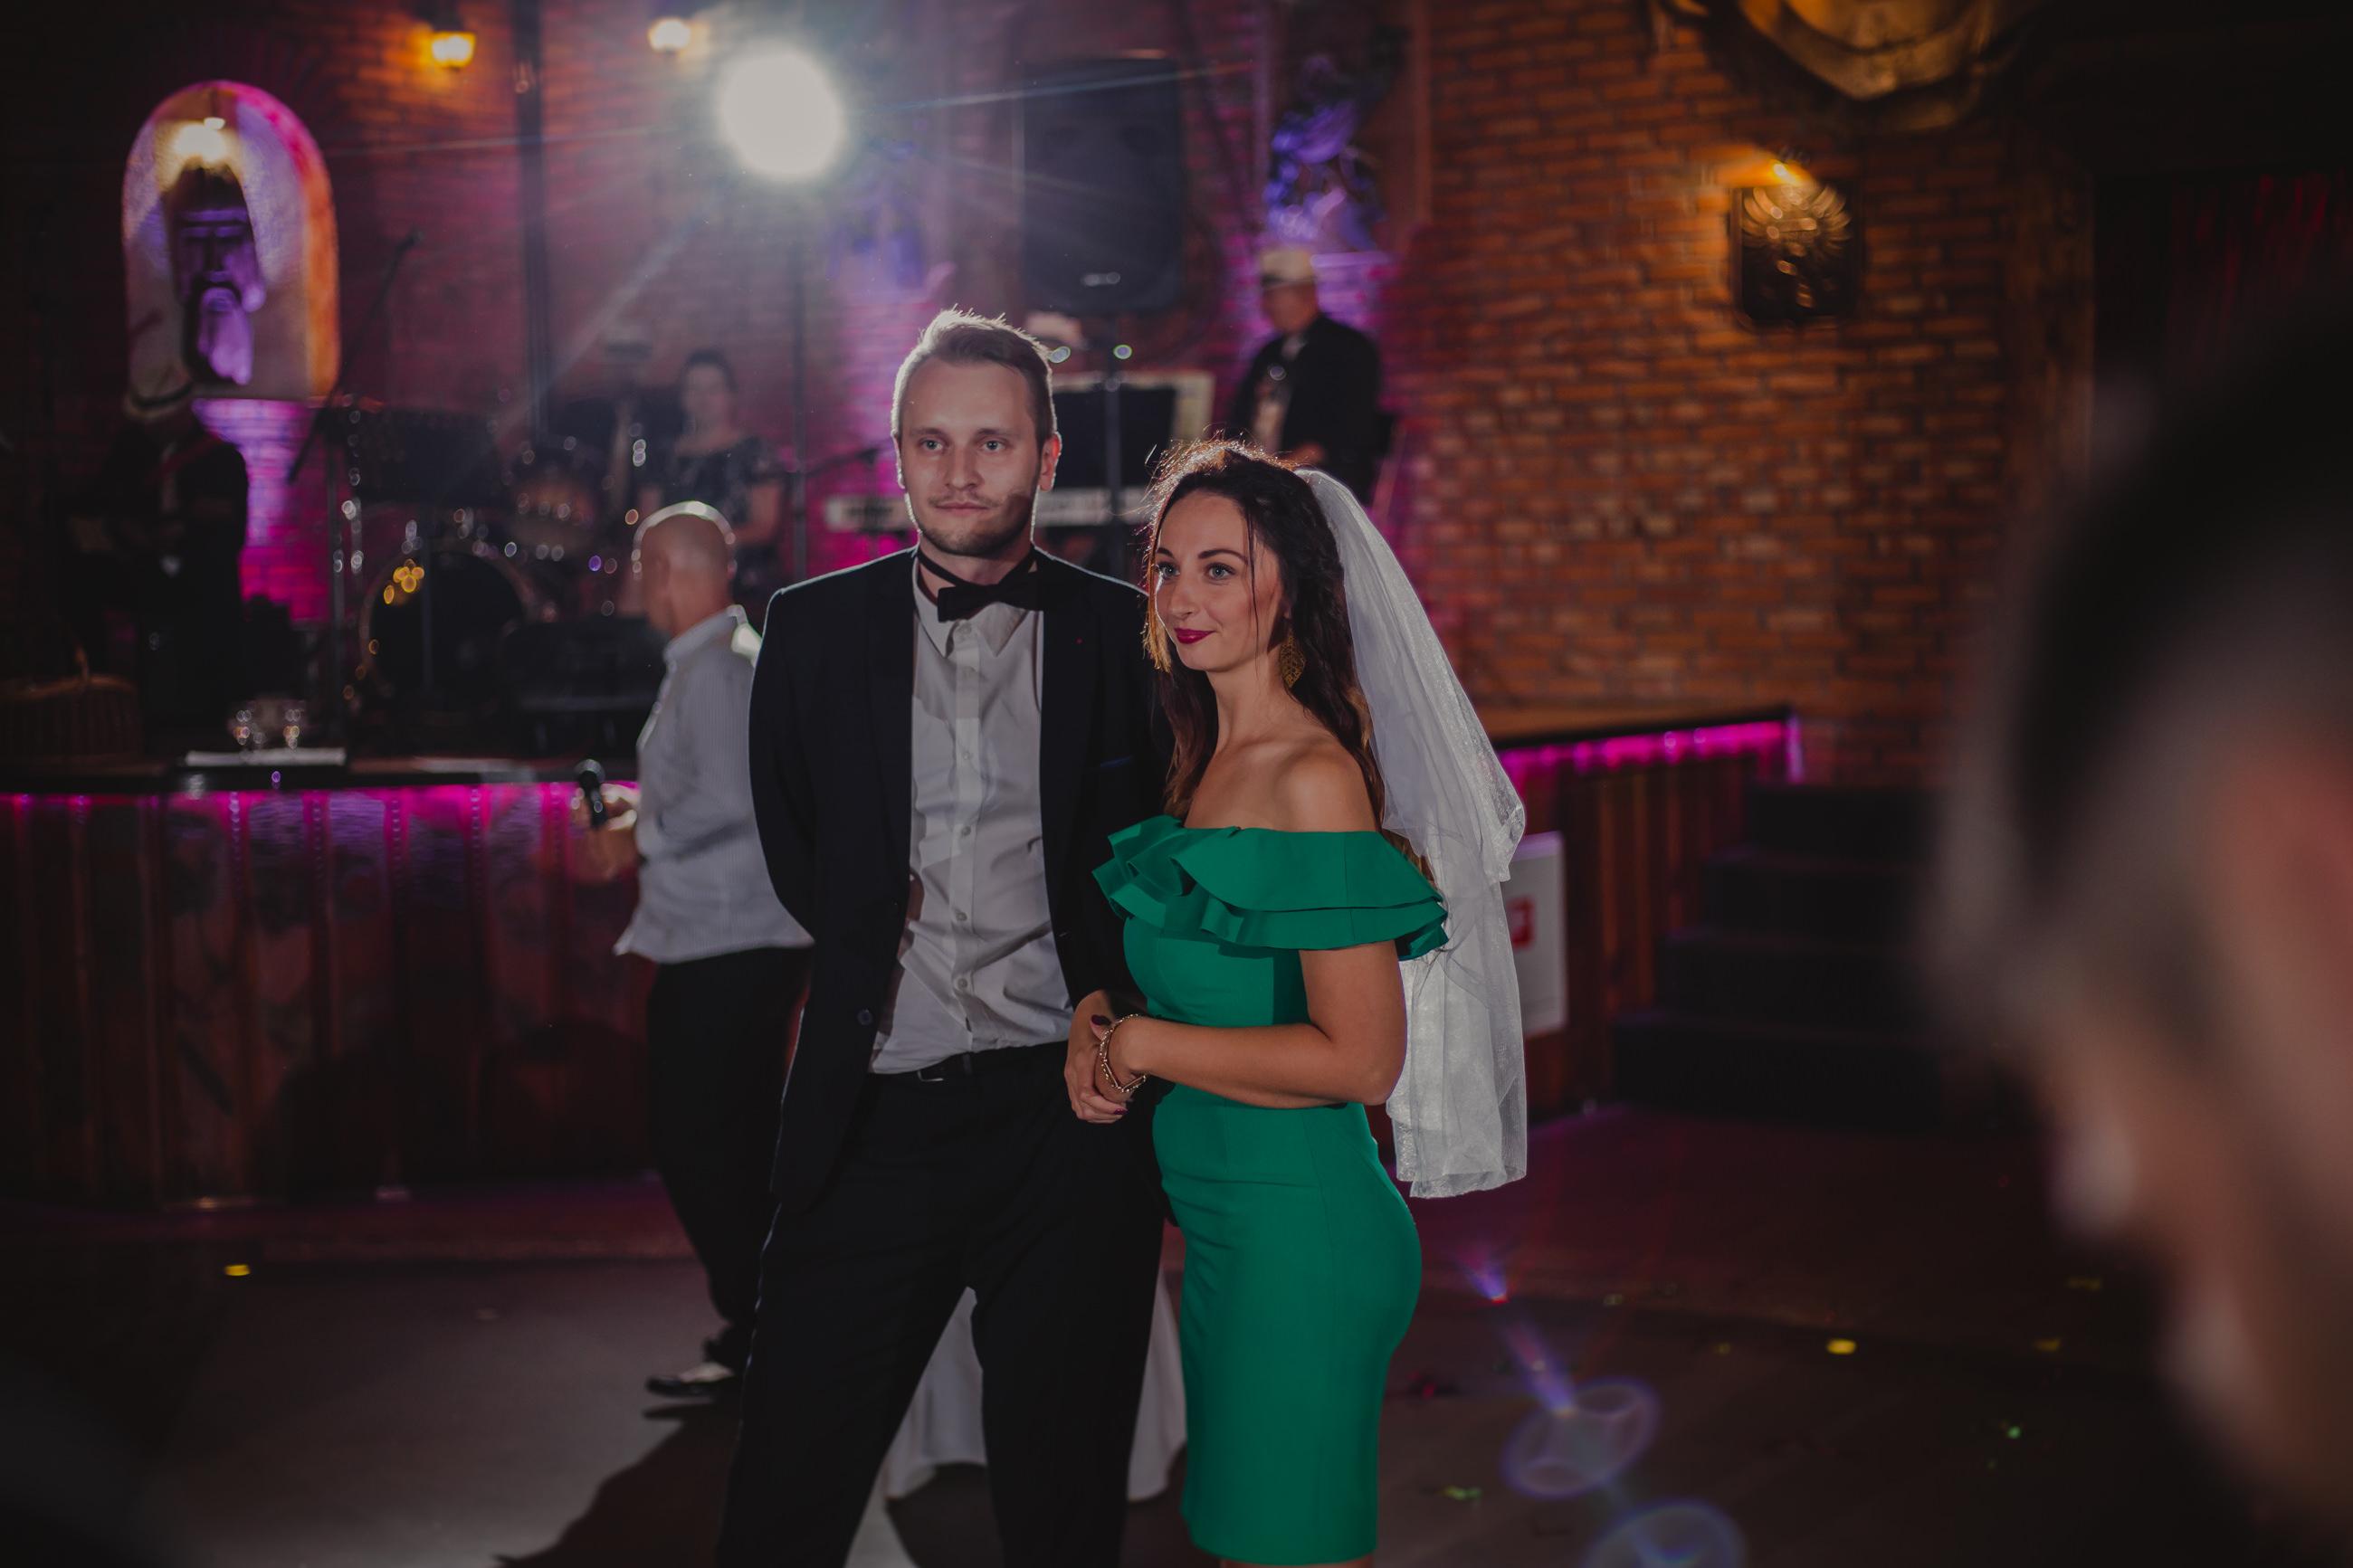 Justyna&Mateusz - Hotel Trylogia - Fotograf ślubny Warszawa